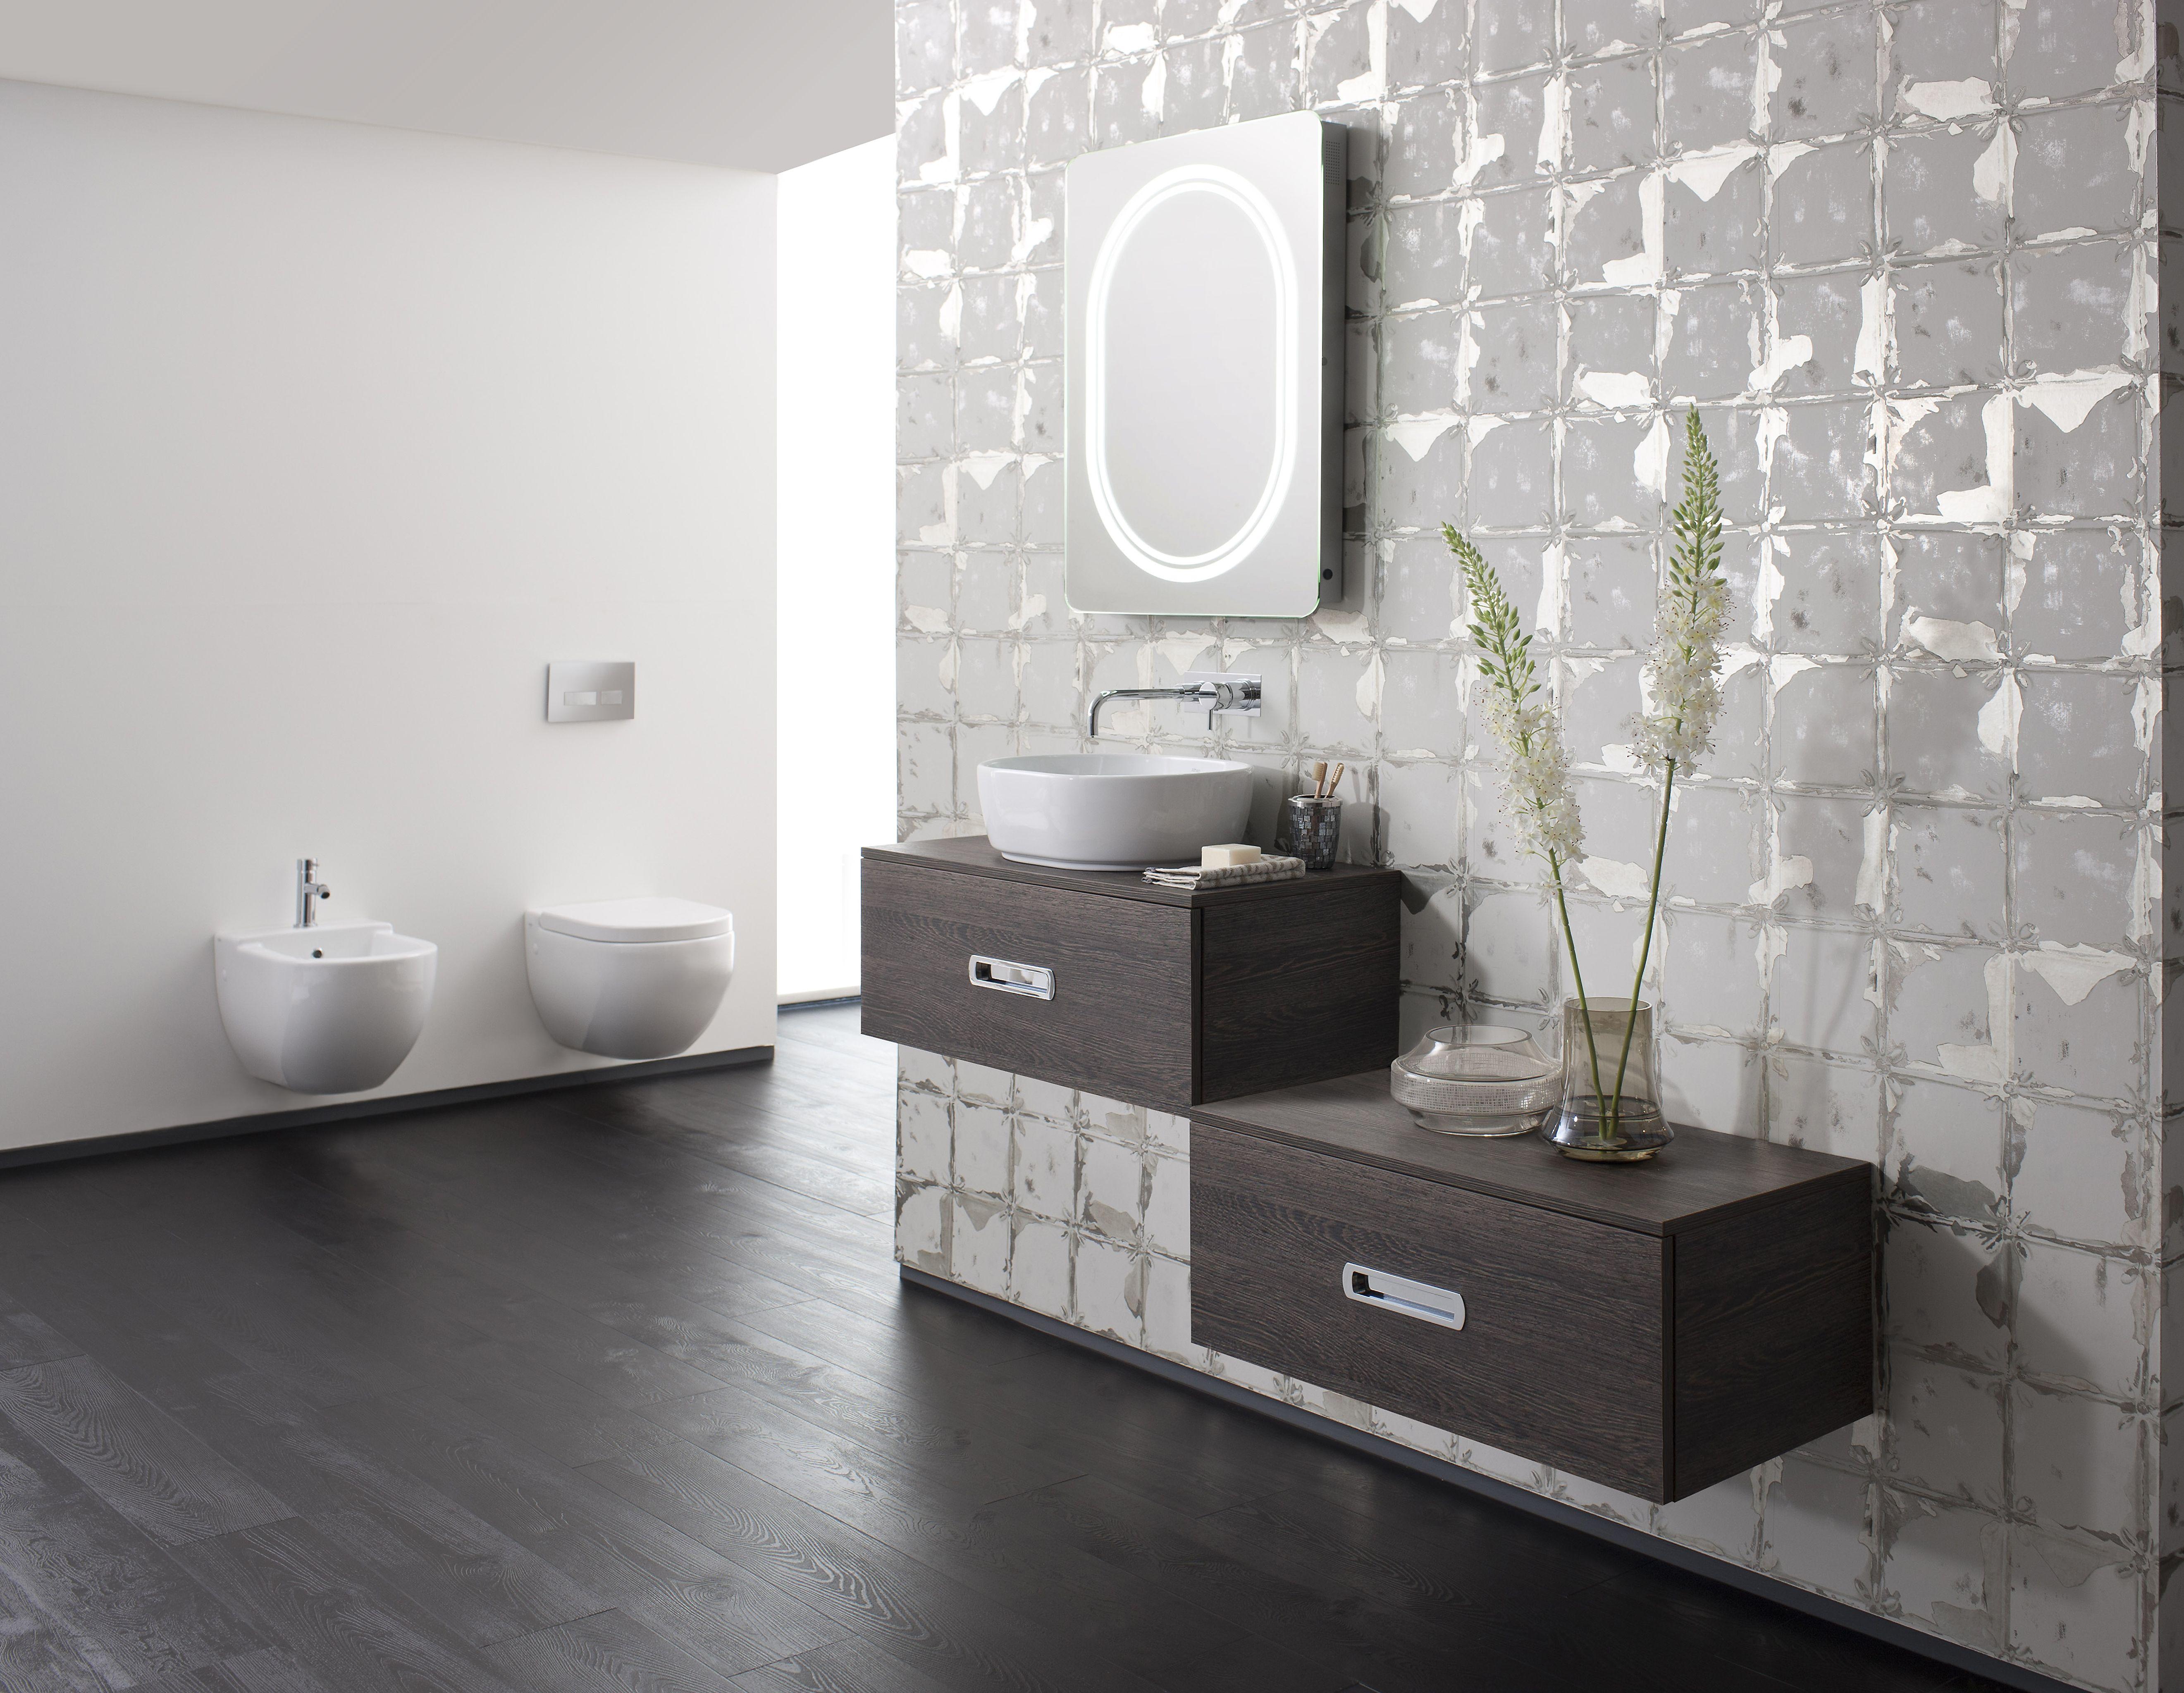 Seattle Ebony Bathroom Furniture Range from Crosswater http://www ...